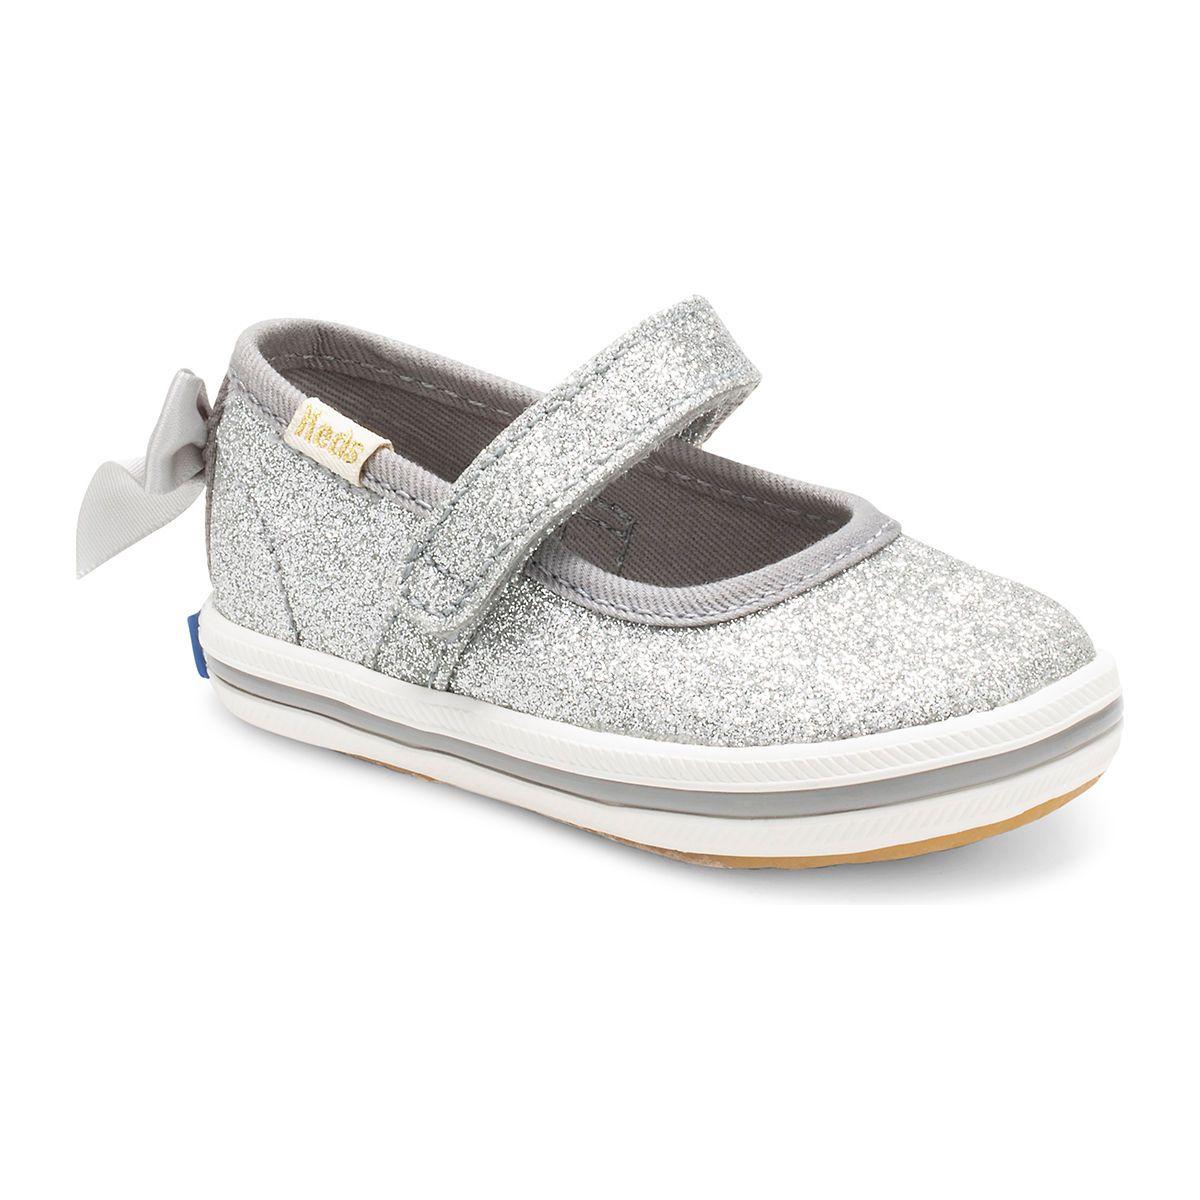 Infant Keds Bow-Lovely Crib Mary Jane Sneaker